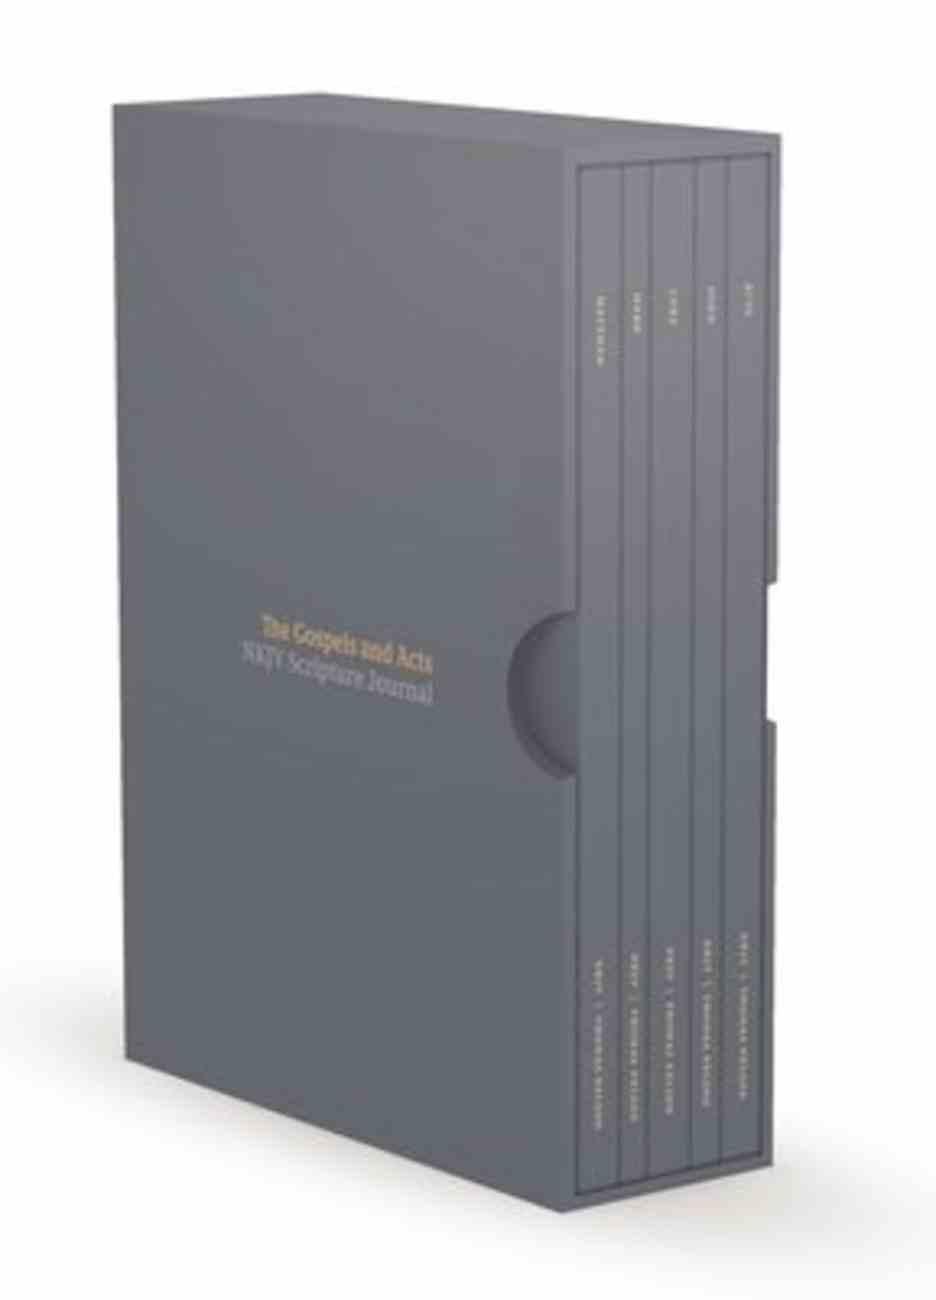 NKJV Scripture Journals the Gospels and Acts (5 Volume Box Set) Paperback